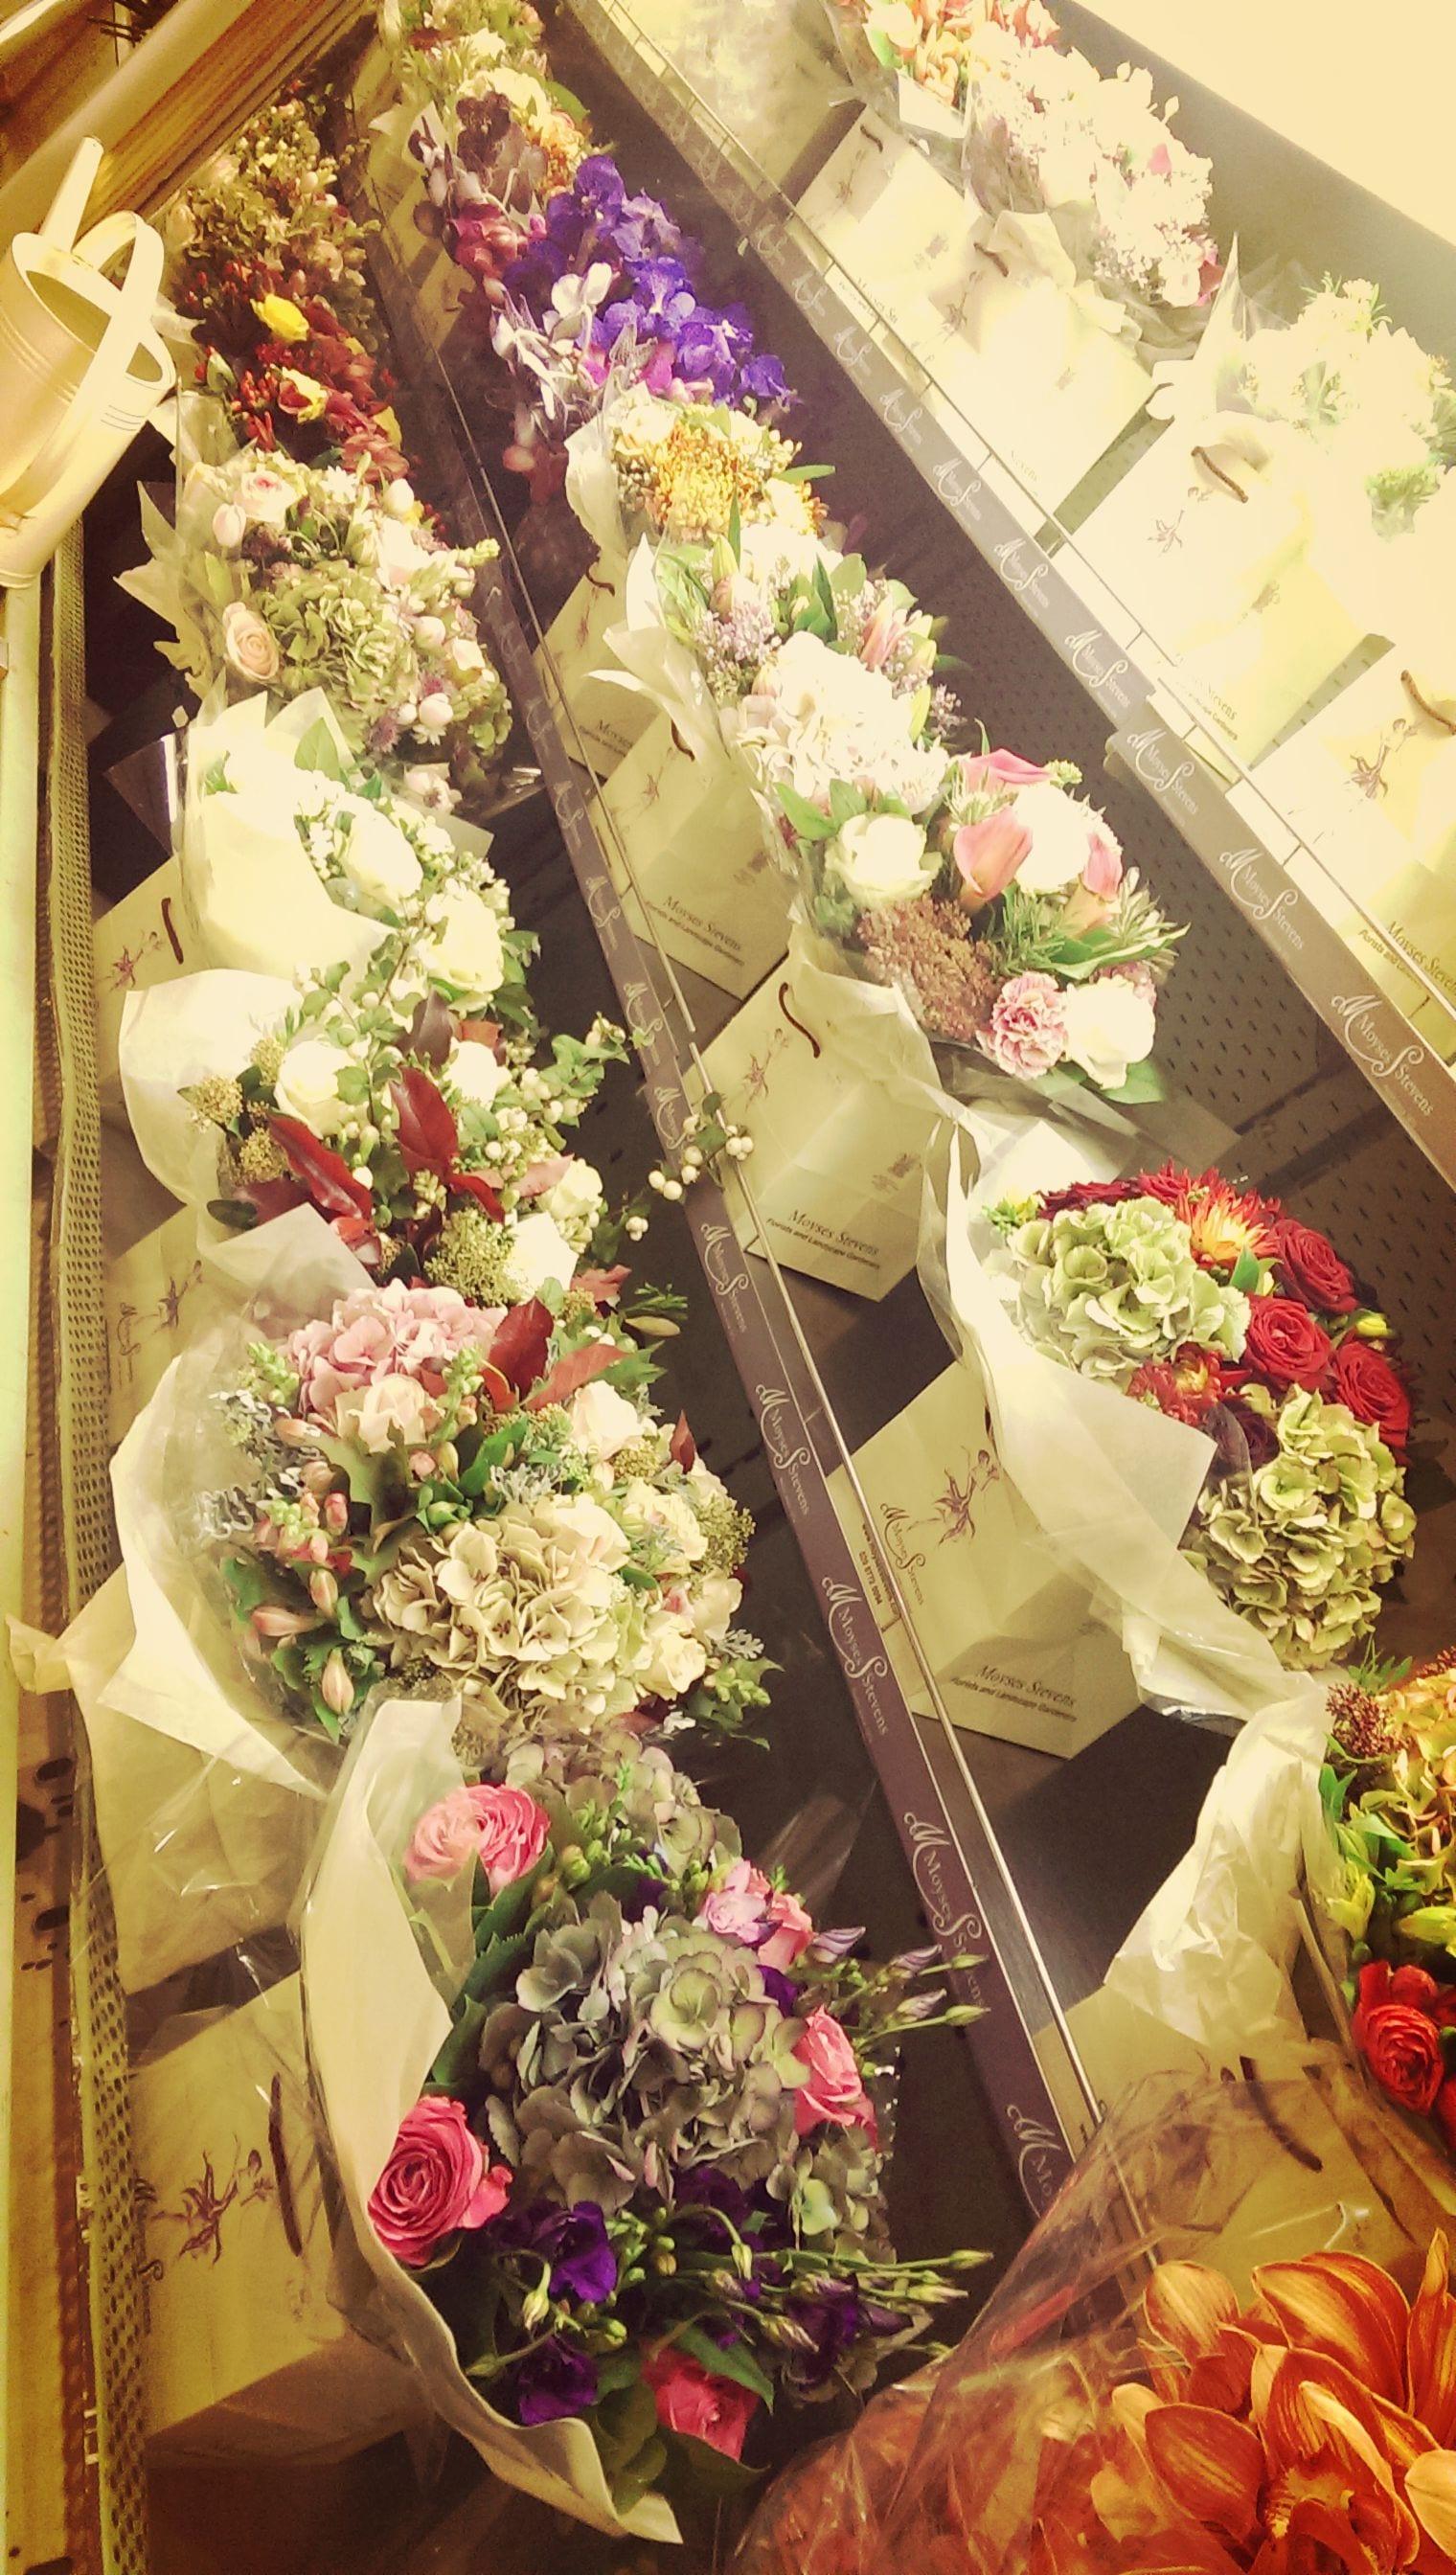 Harrods flowers